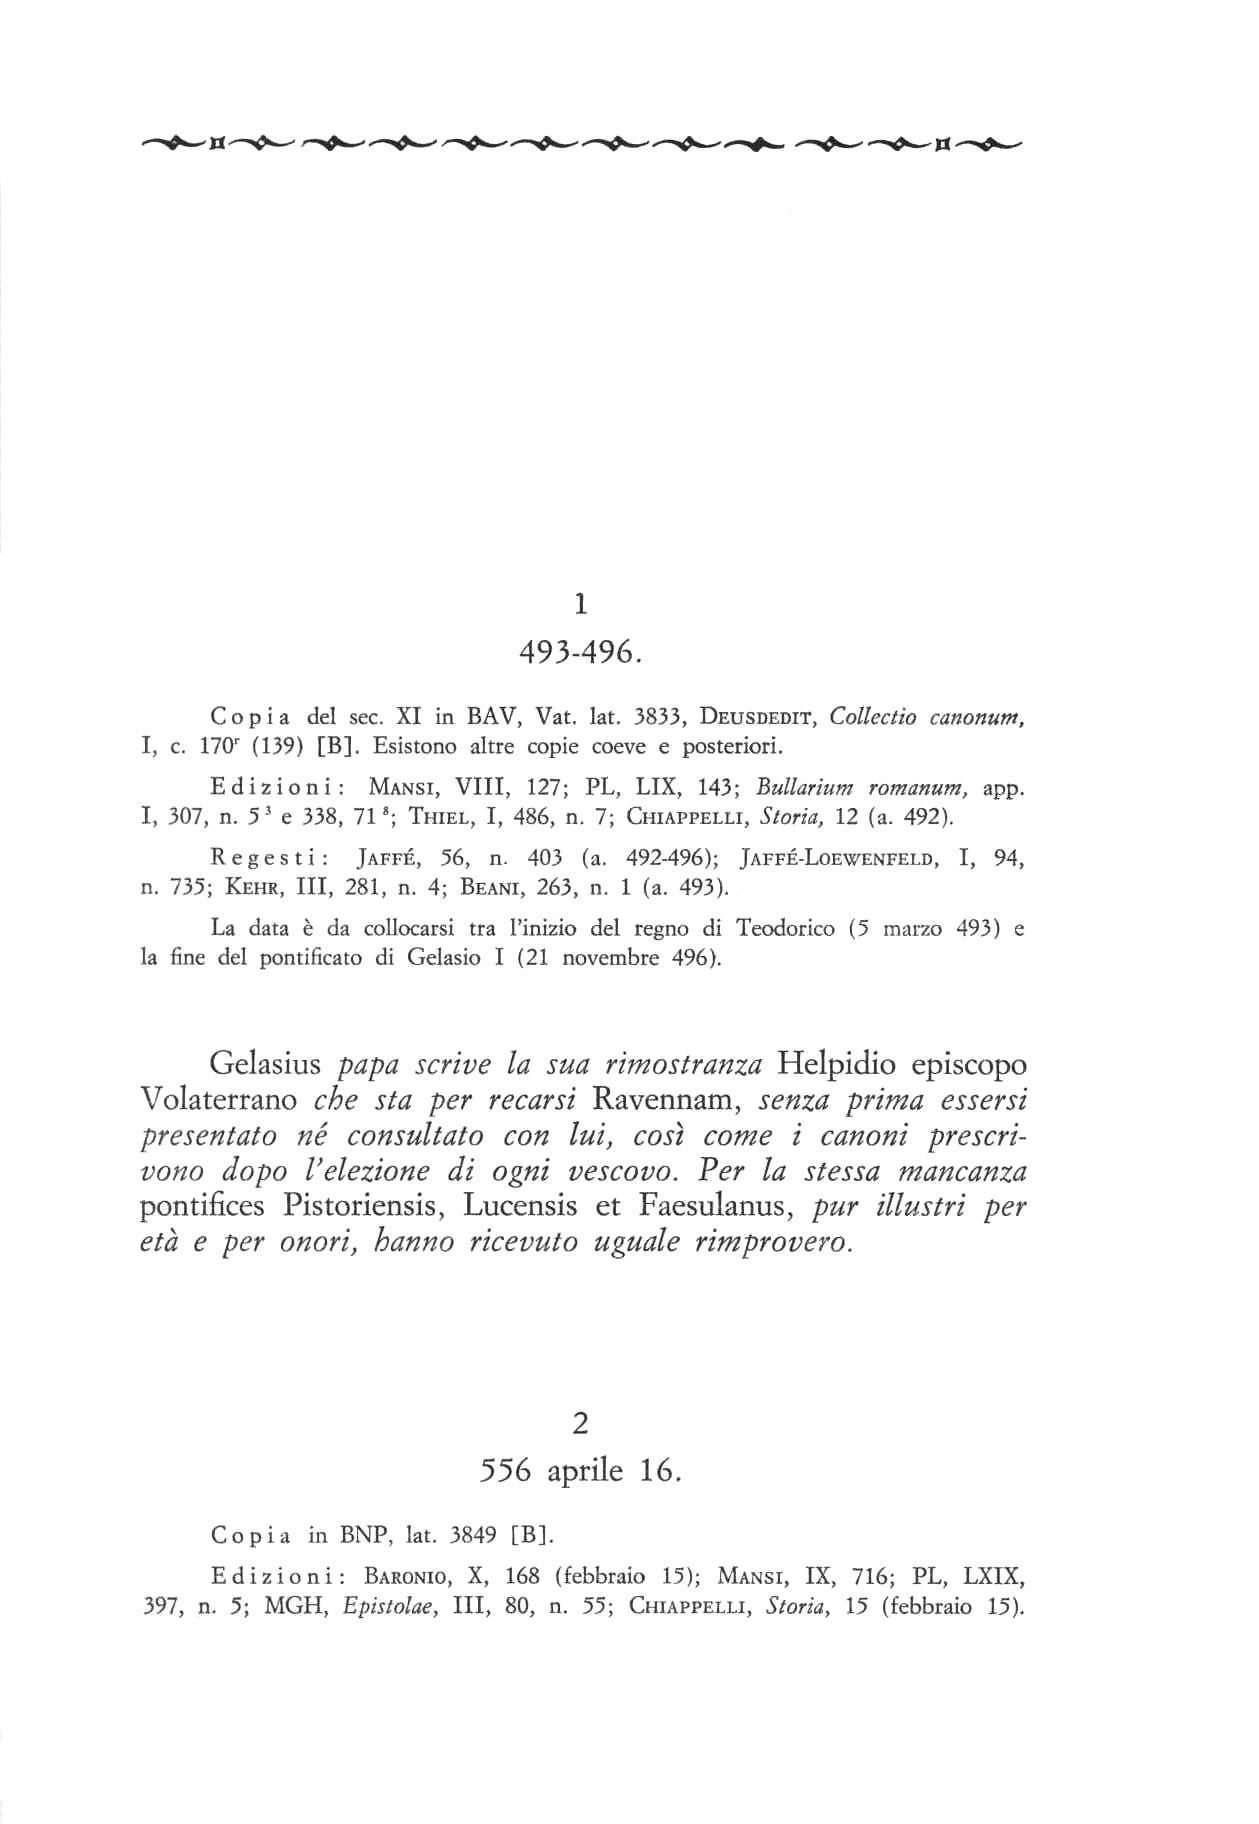 Liber Censuum 0027.jpg